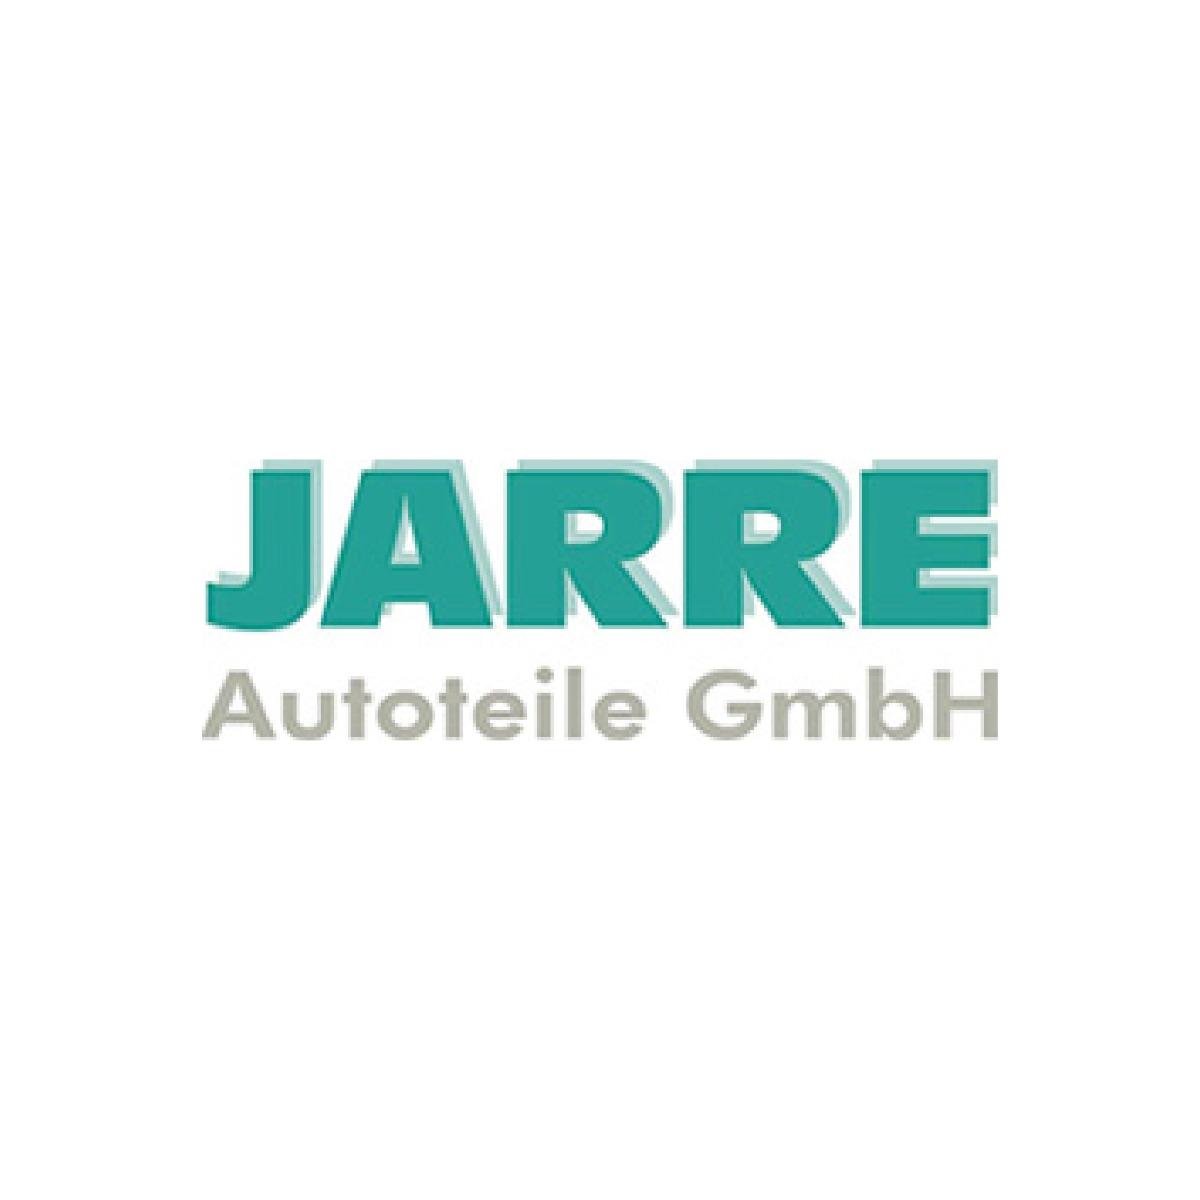 Jarre Autoteile GmbH